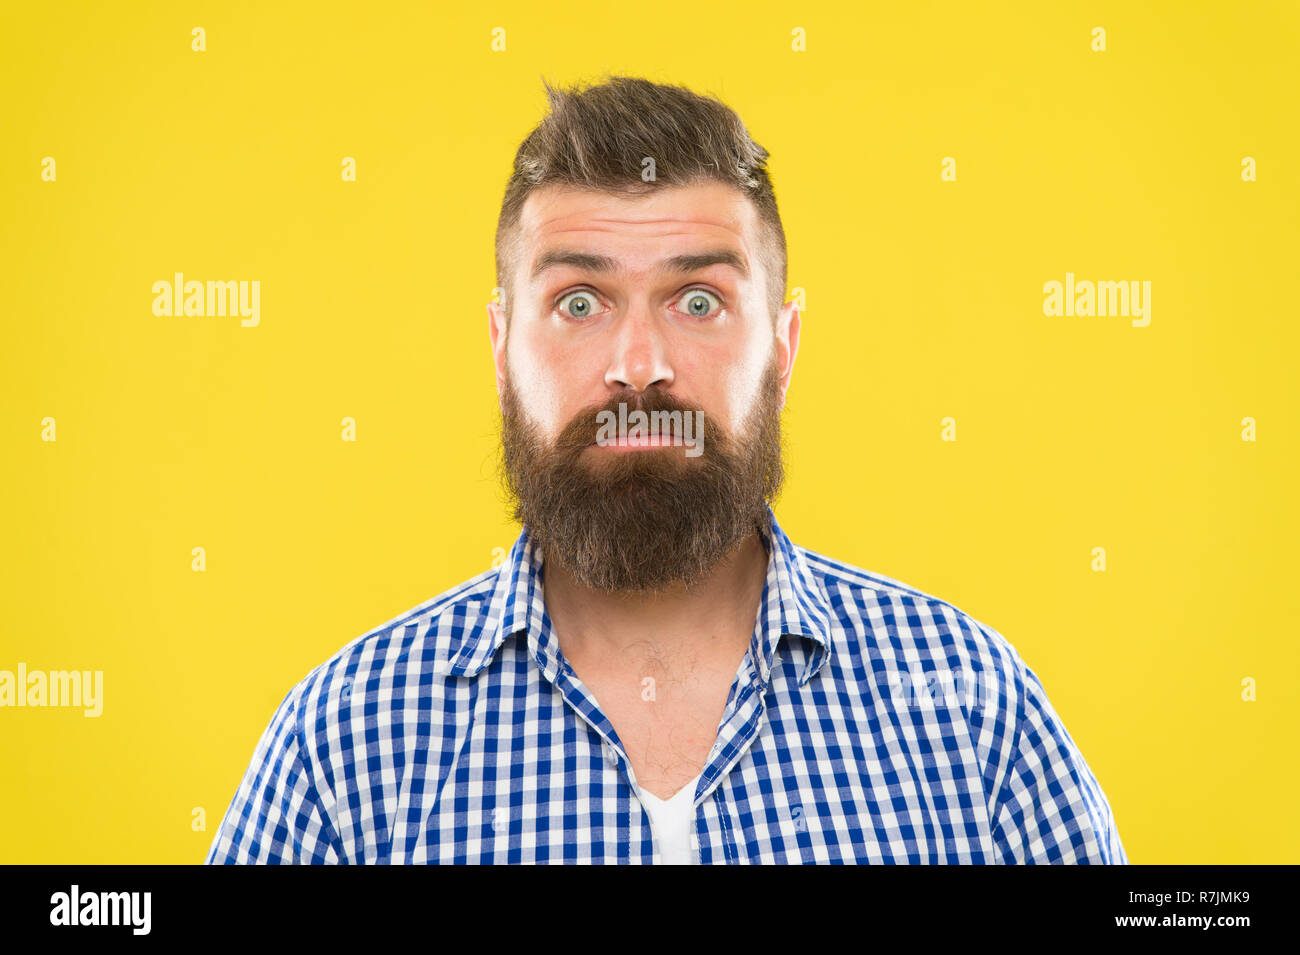 Nouvelles surprenantes. Hipster barbu homme demande face à fond jaune close up. Guy surpris face à l'expression. Hipster avec barbe et moustache expression émotionnelle surpris. Macho surpris rustique. Photo Stock